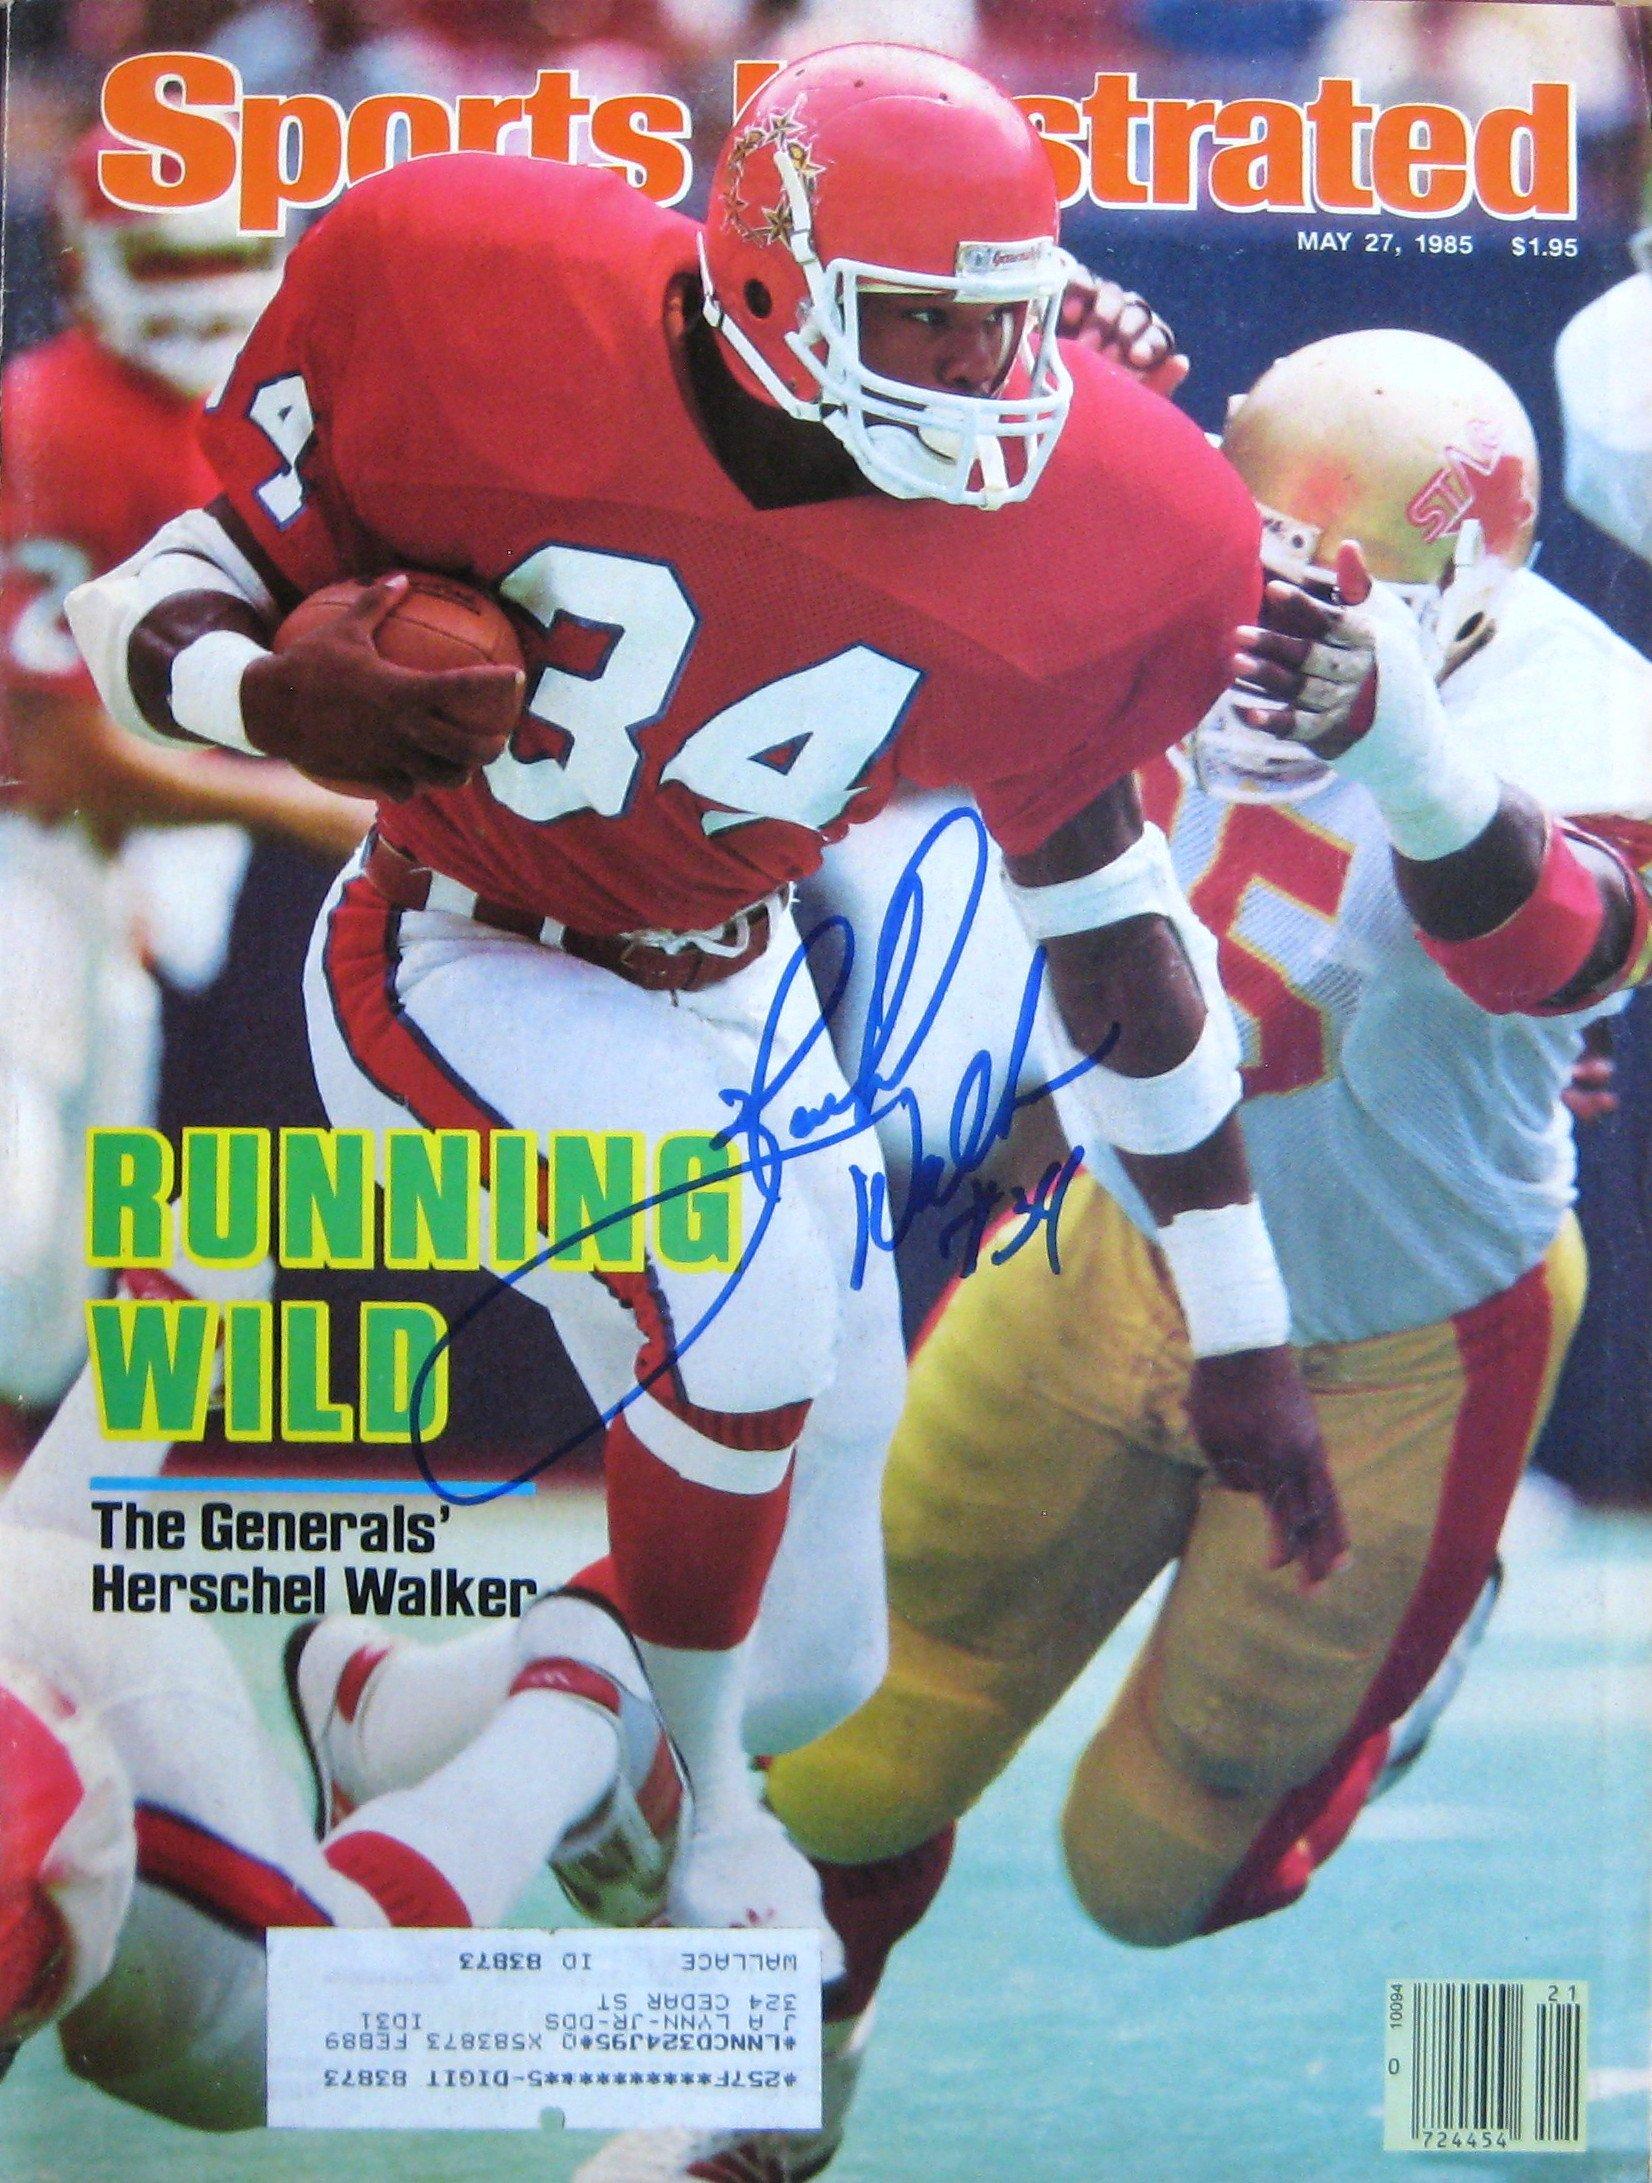 Walker, Herschel 5/27/85 autographed magazine